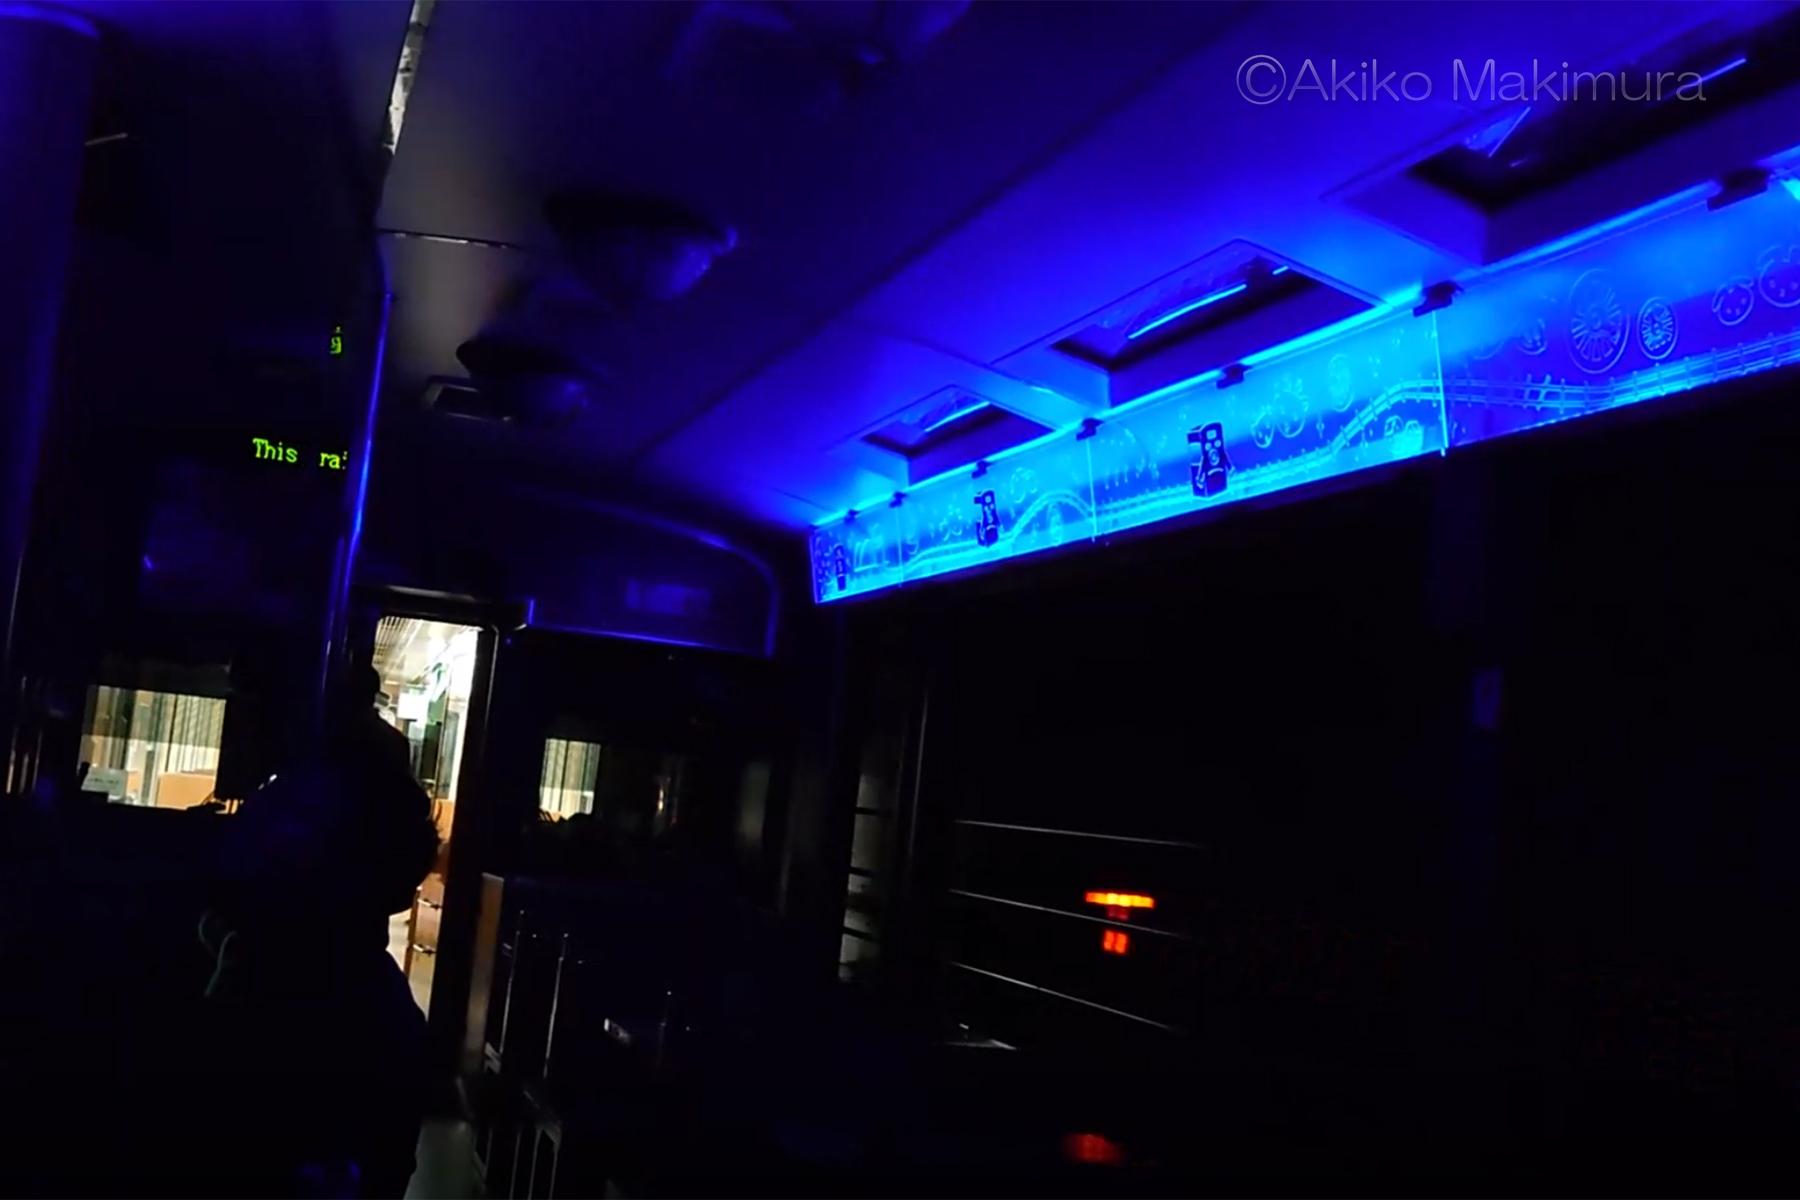 【6】トロッコ列車で走る草木トンネル わたらせ渓谷鉄道の旅